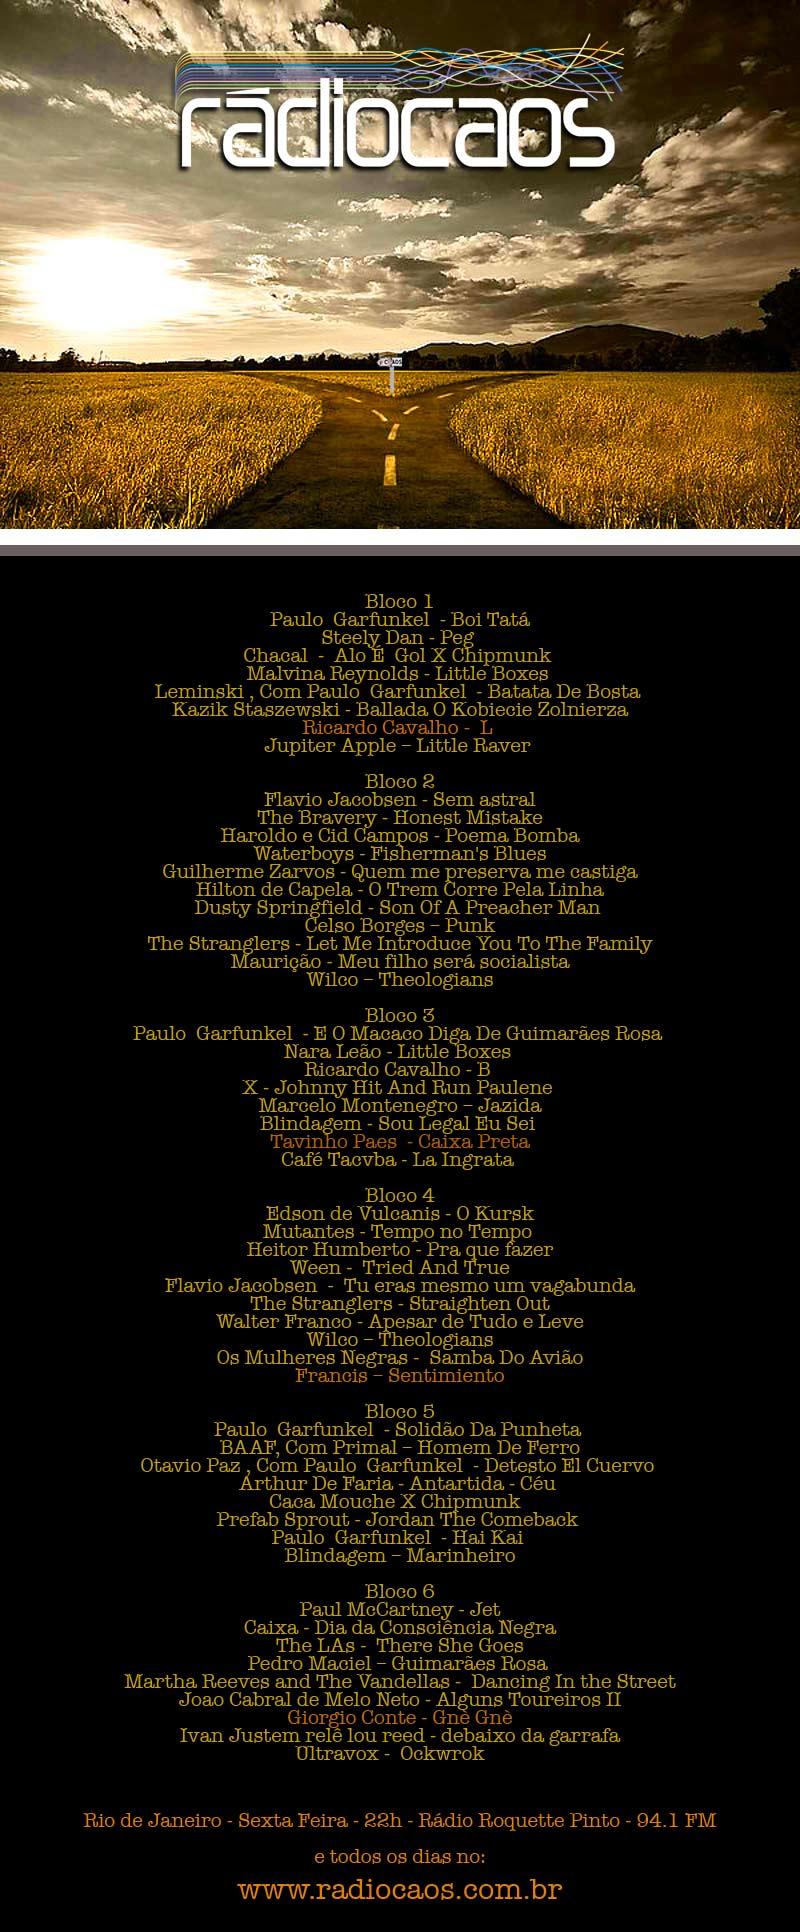 mailcaos-03-11-2011